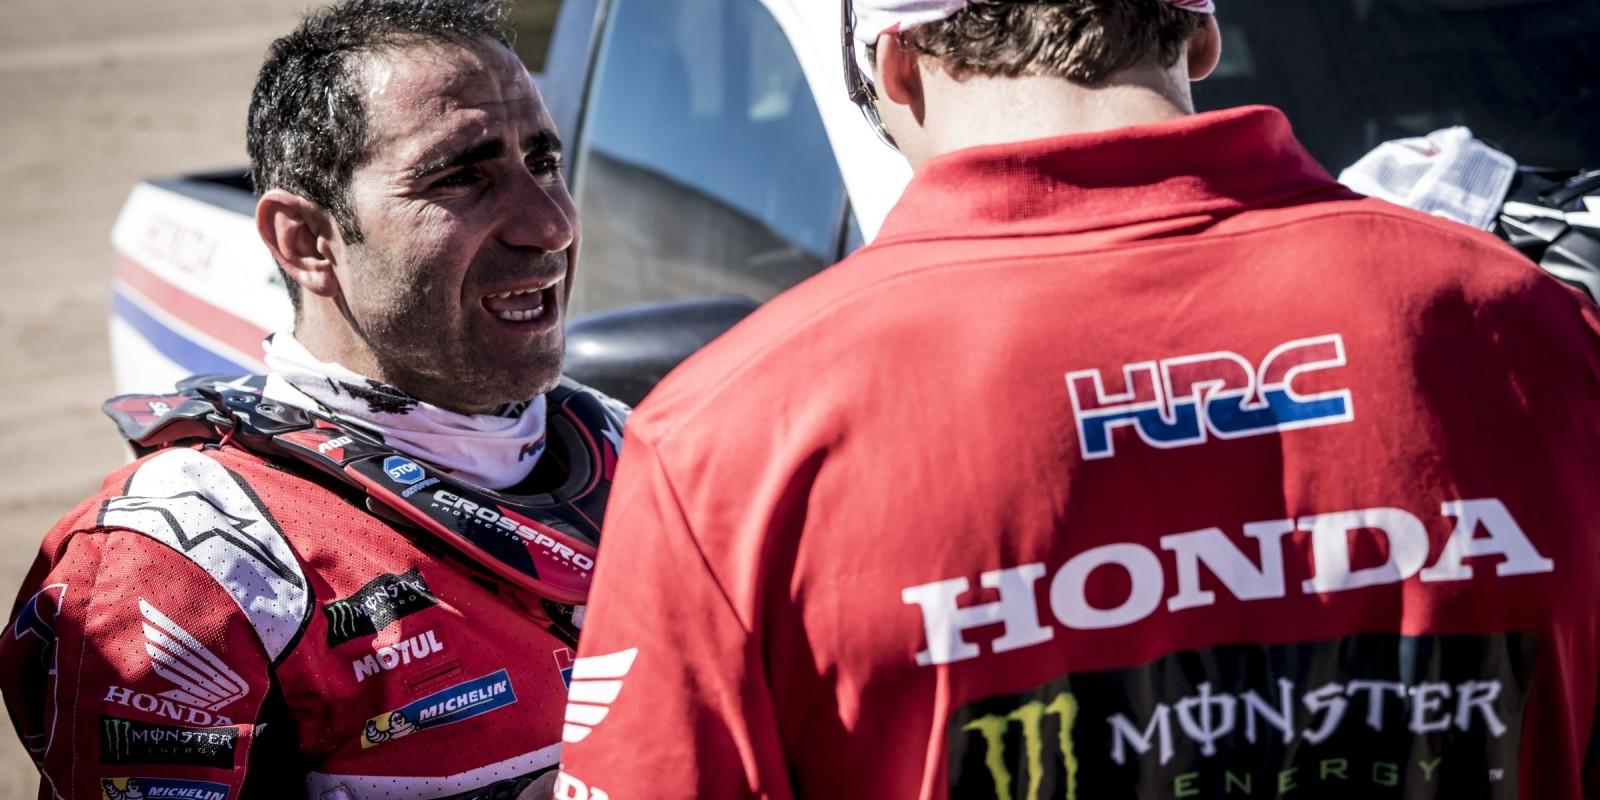 Paolo Goncalves at the 2017 Atacama Rally